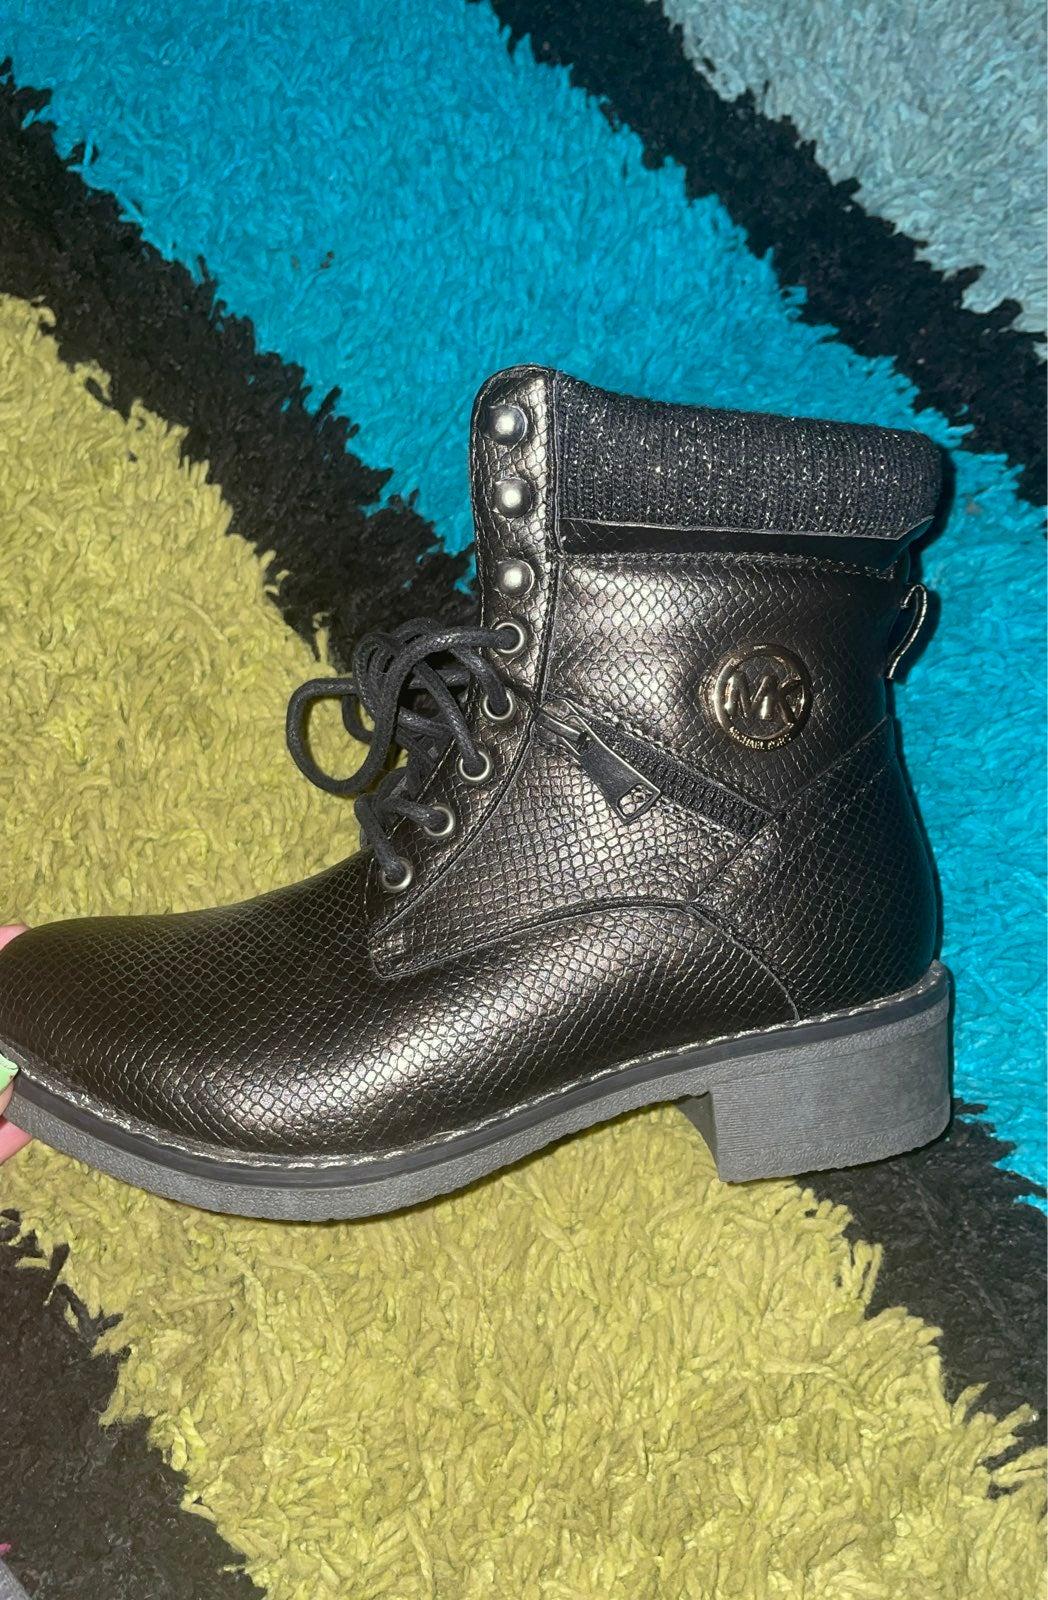 Michael Kors booties boots